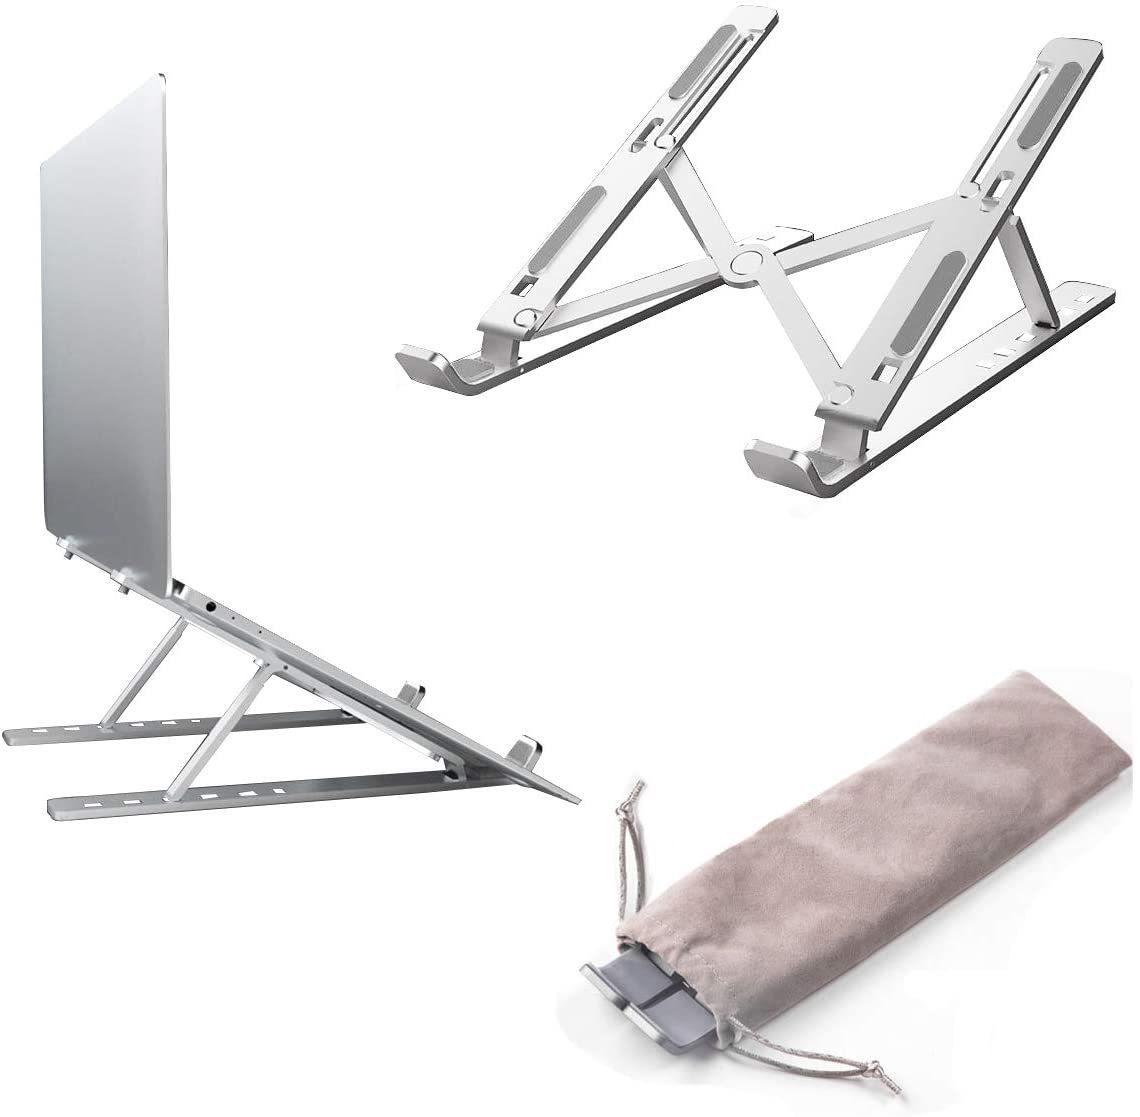 ノートパソコンスタンド PCスタンド 6段階調節 折りたたみ式 タブレット ラップトップスタンド